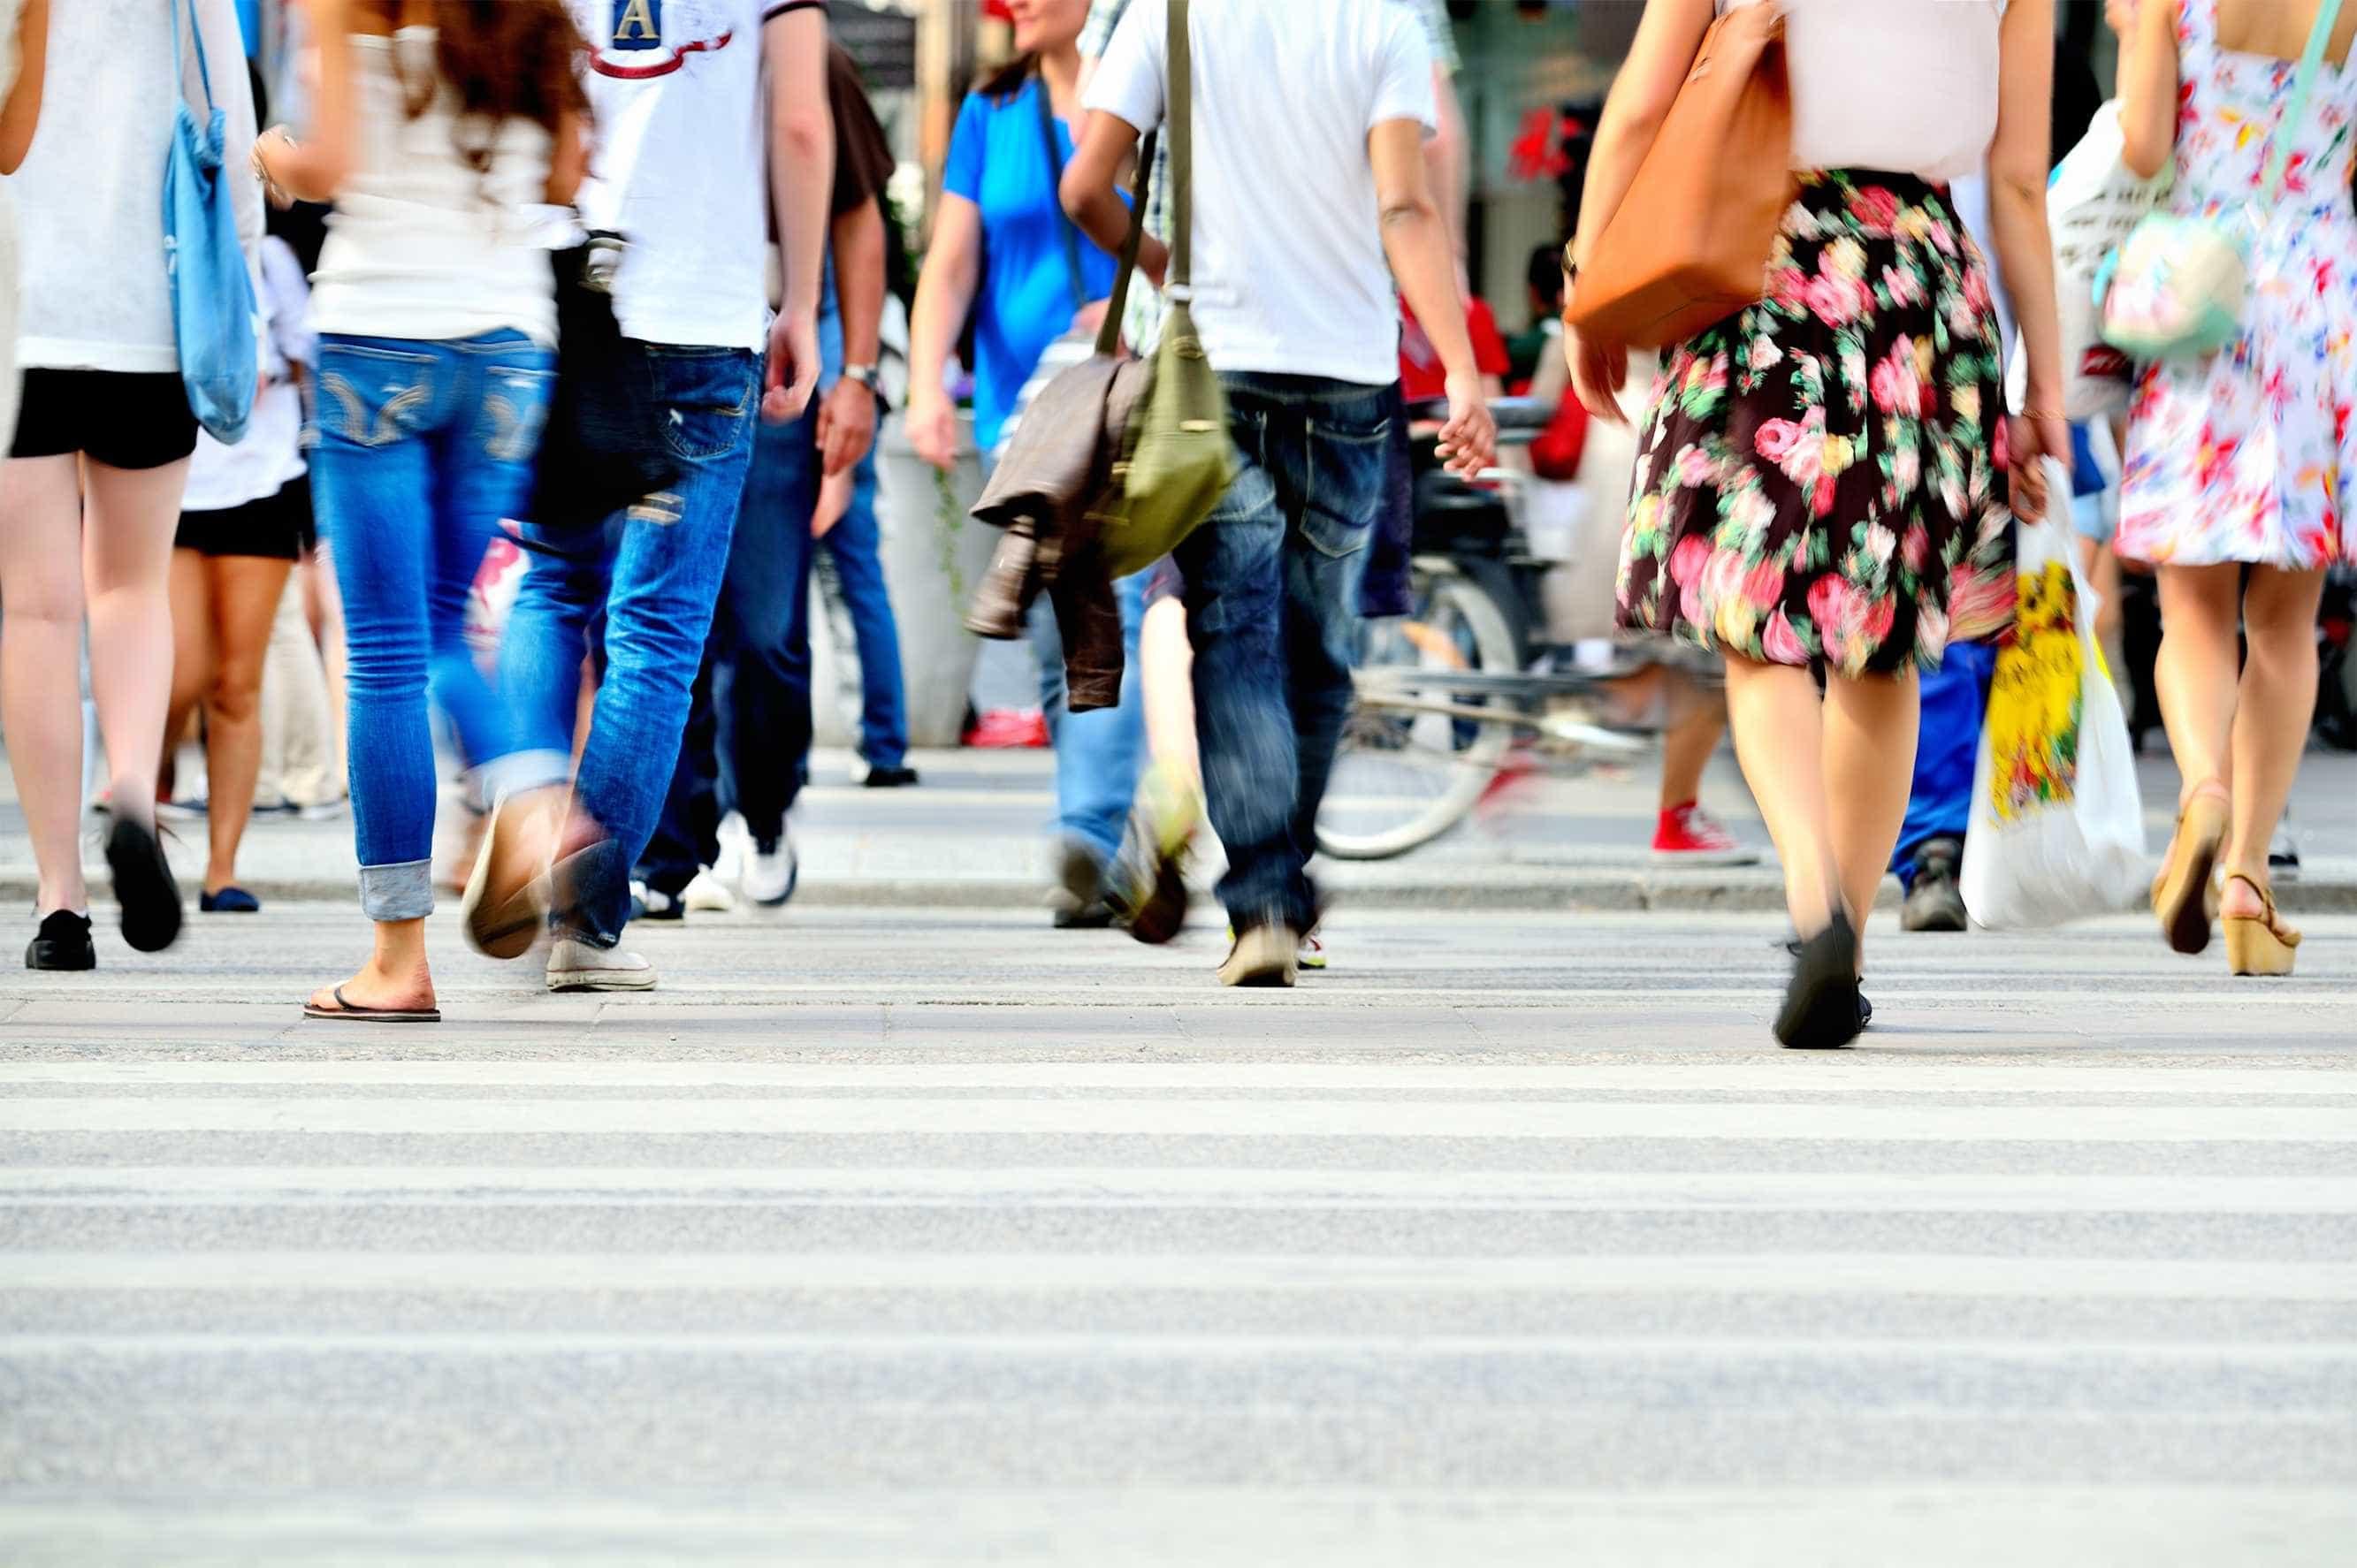 Doenças, despesas e desemprego são o que mais preocupa portugueses